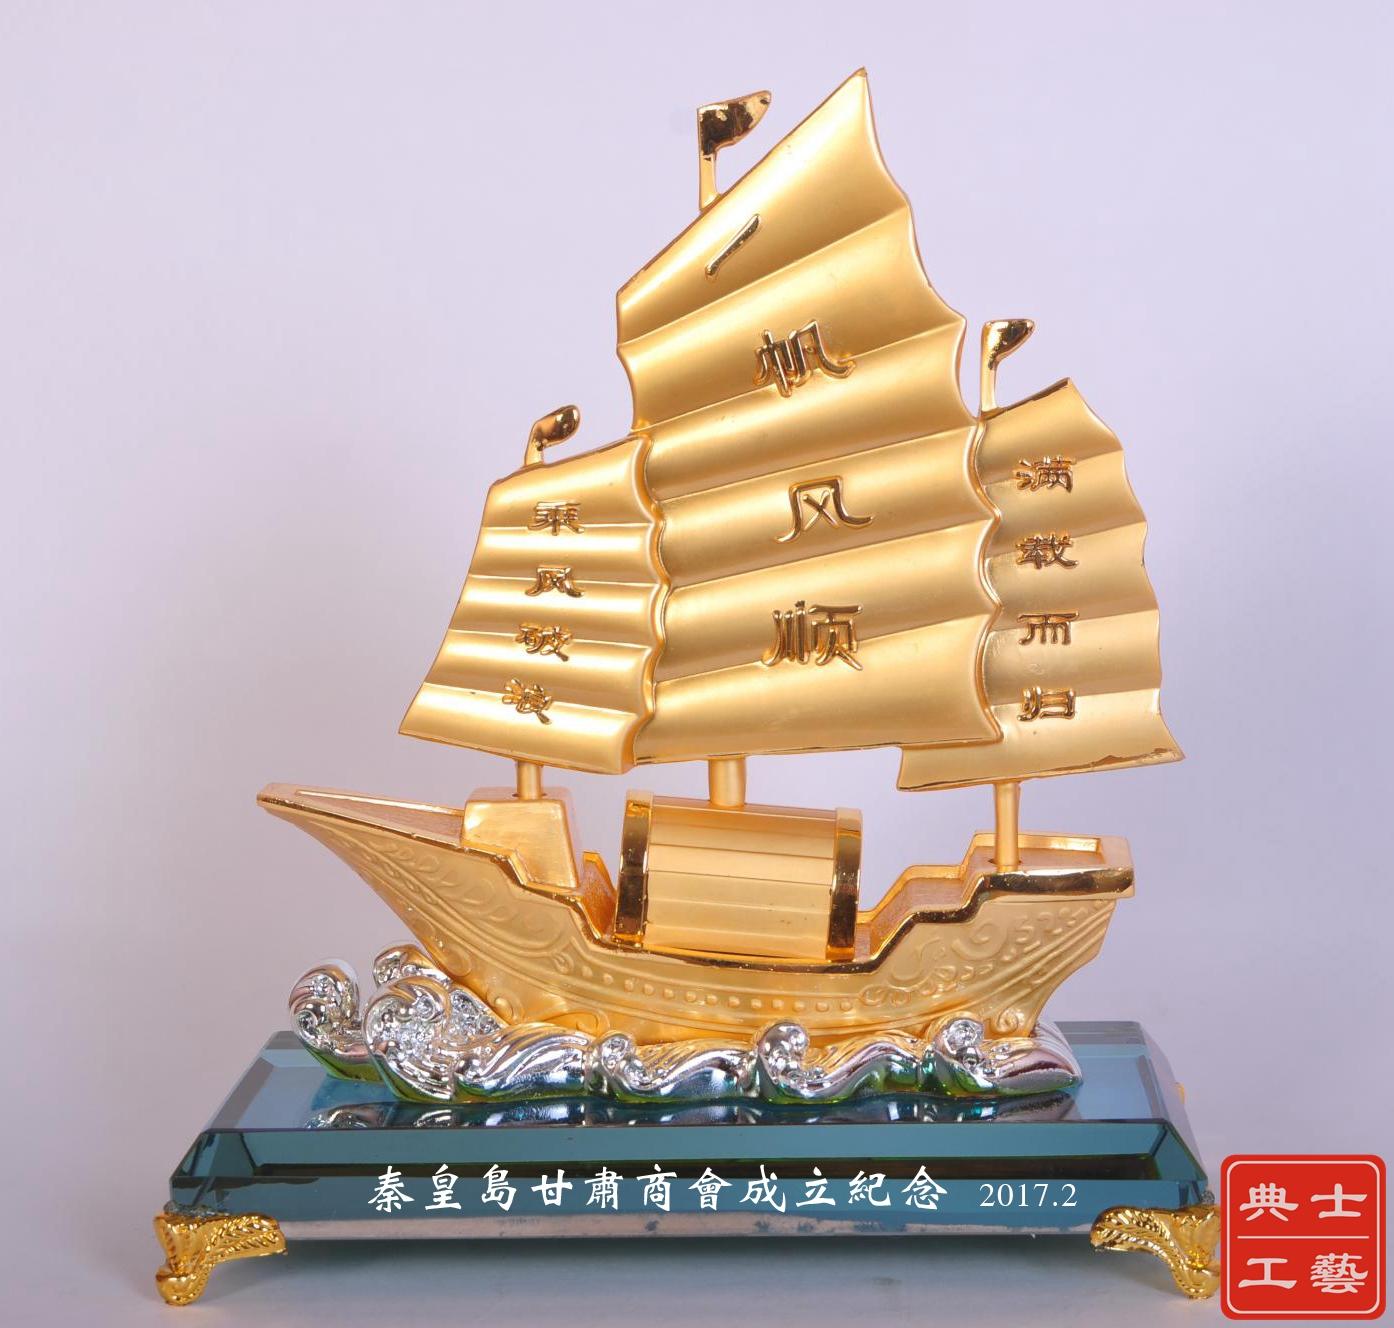 湘潭定做商會成立紀念擺件、十周年紀念品、商會年會活動禮品廠家